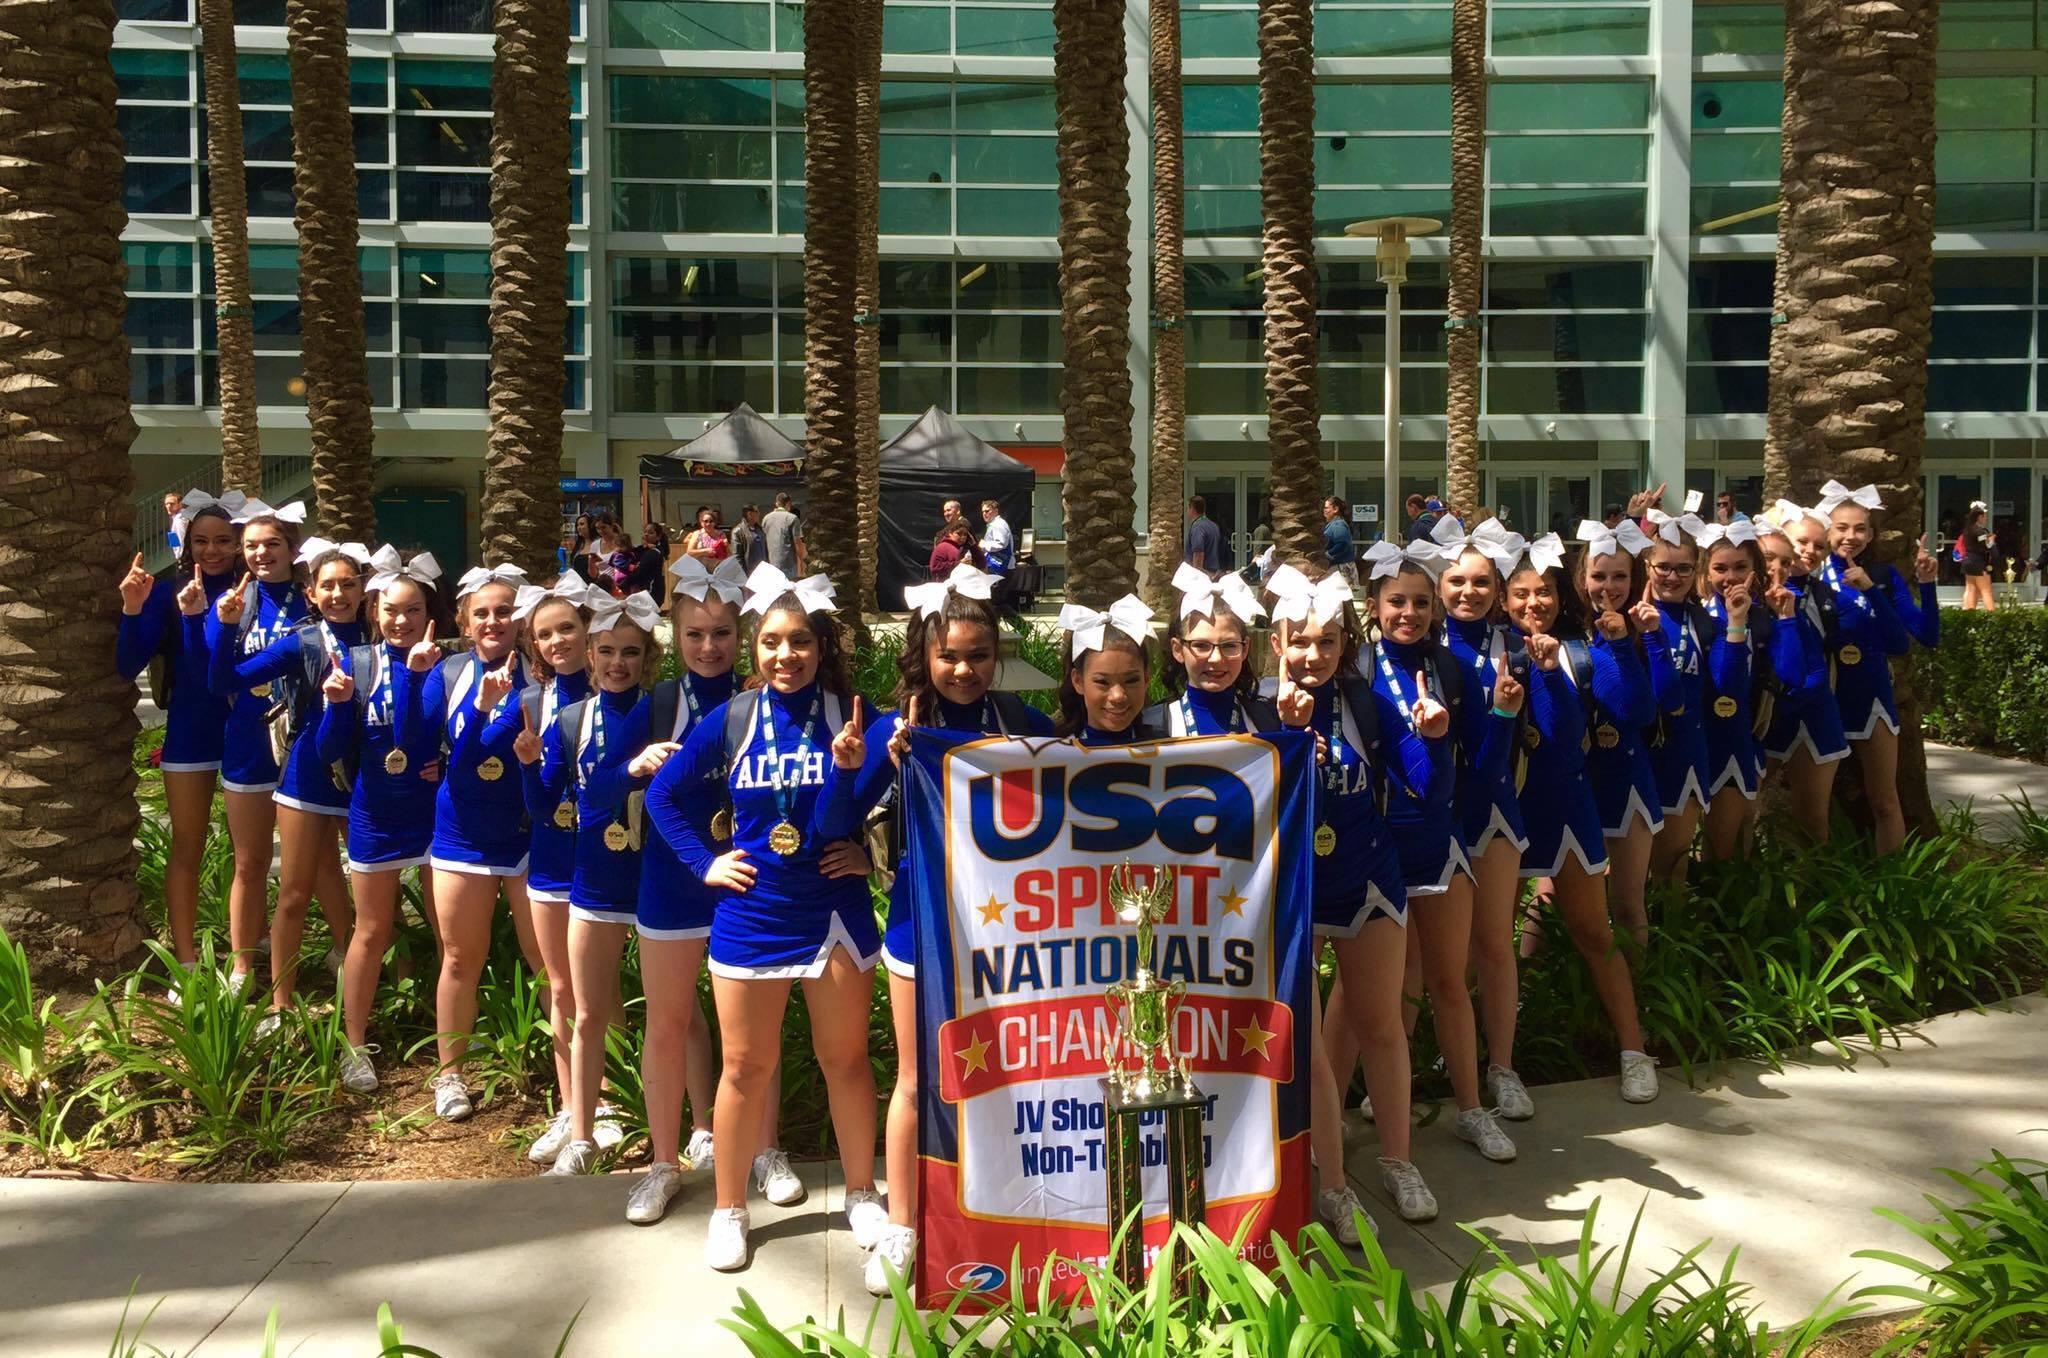 Aloha High School cheerleaders, courtesy Leah Taylor